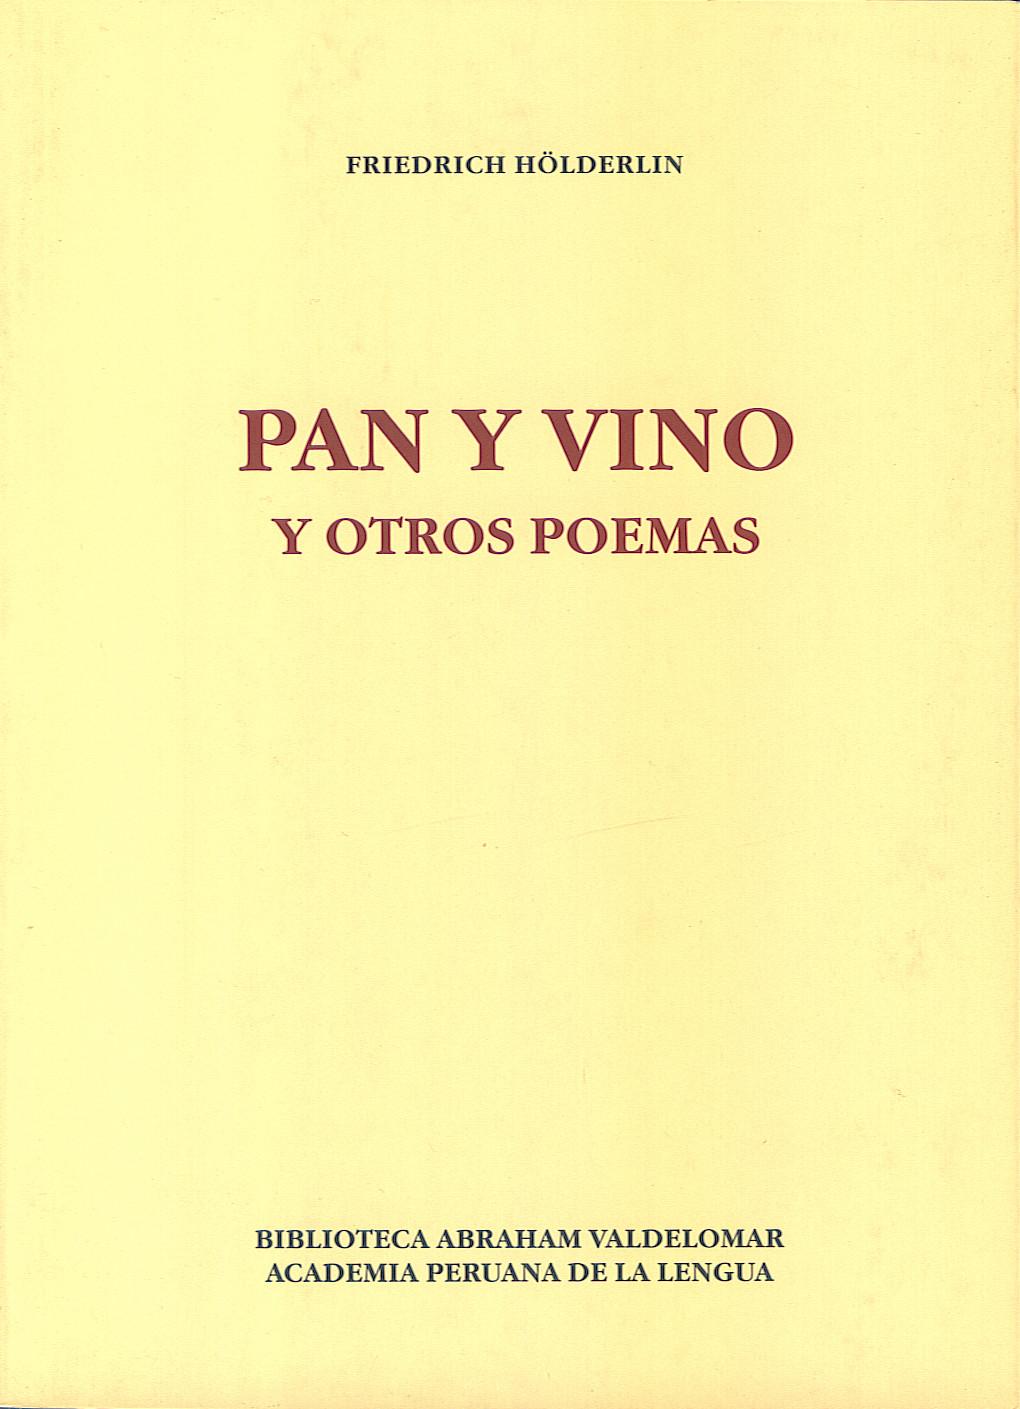 Pan y vino y otros poemas